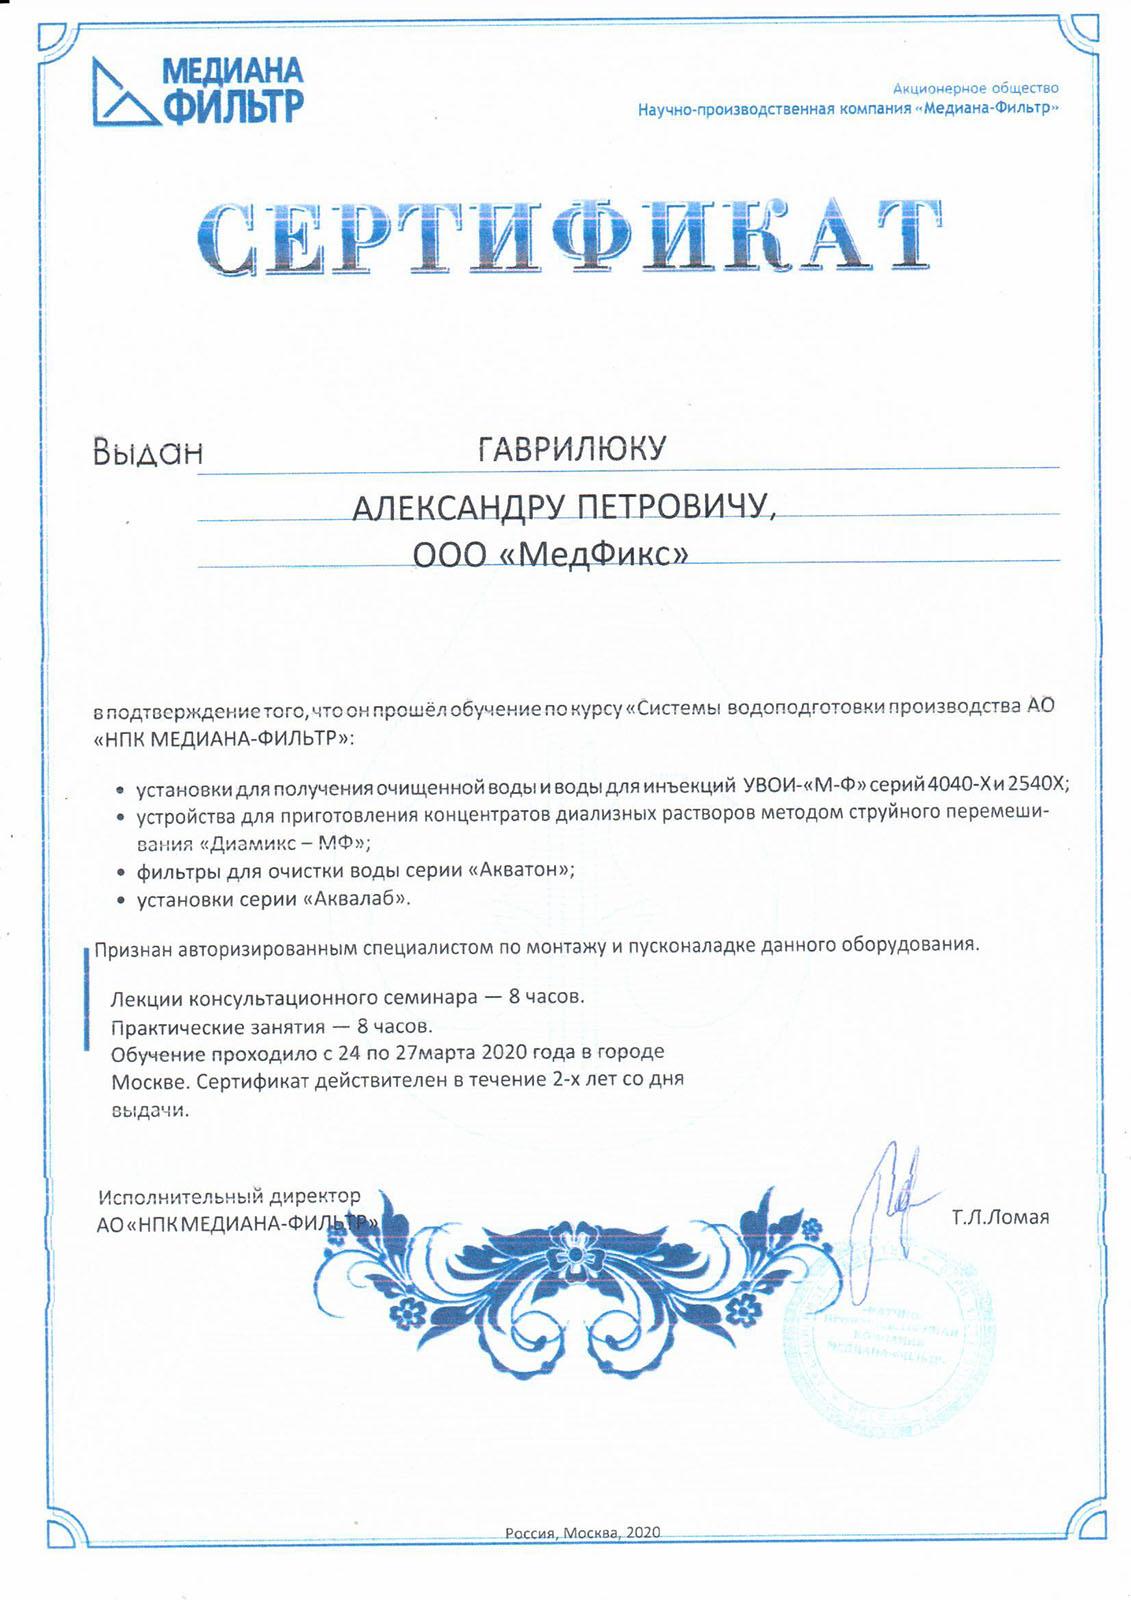 vodopodgotovka - Mediana-Filtr-Gavriljuk-04.2020